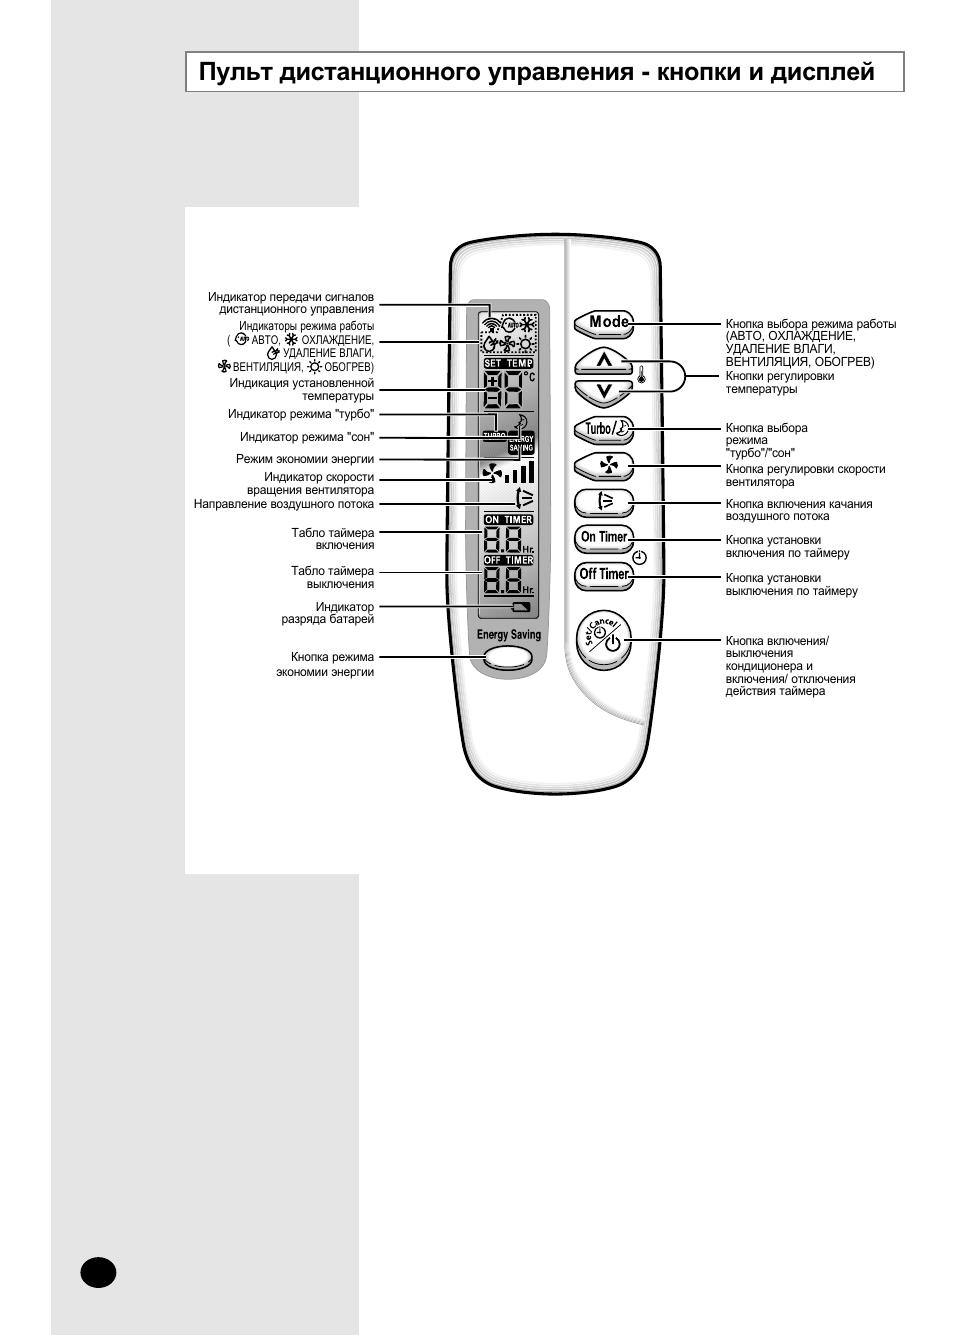 кондиционер самсунг инструкция по эксплуатации пульт